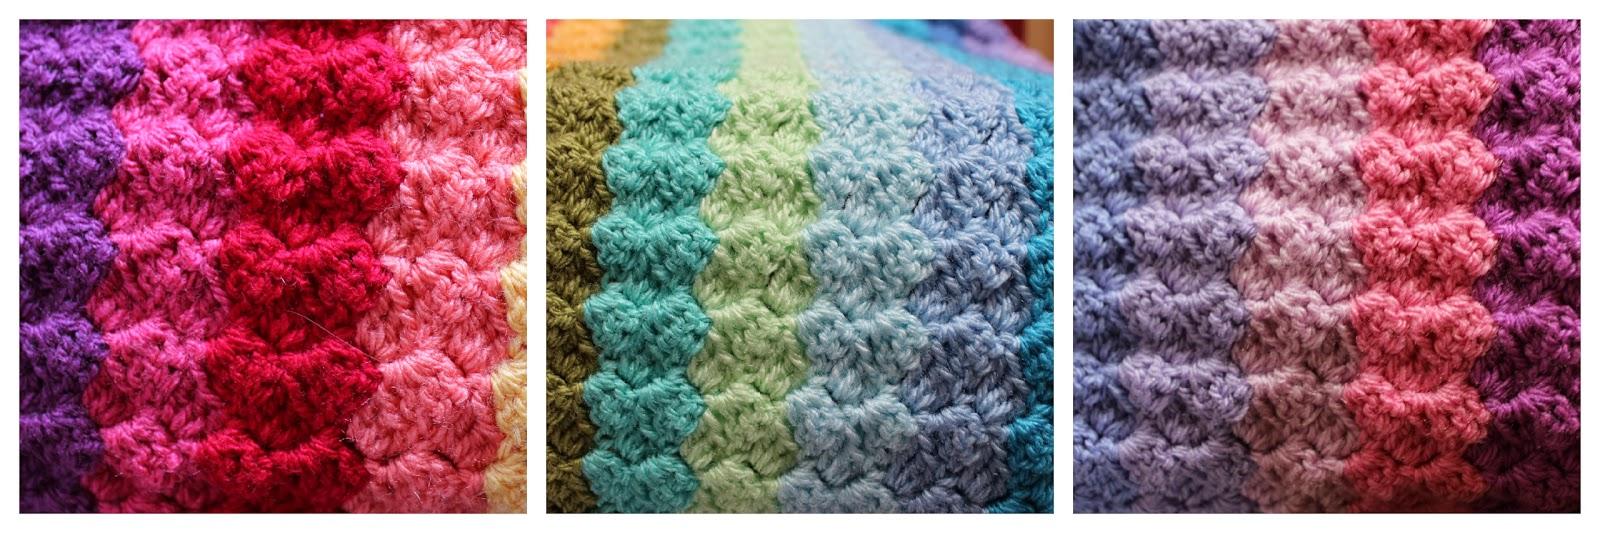 Crochet between worlds: Ta-dah! Corner to Corner Rainbow Throw!